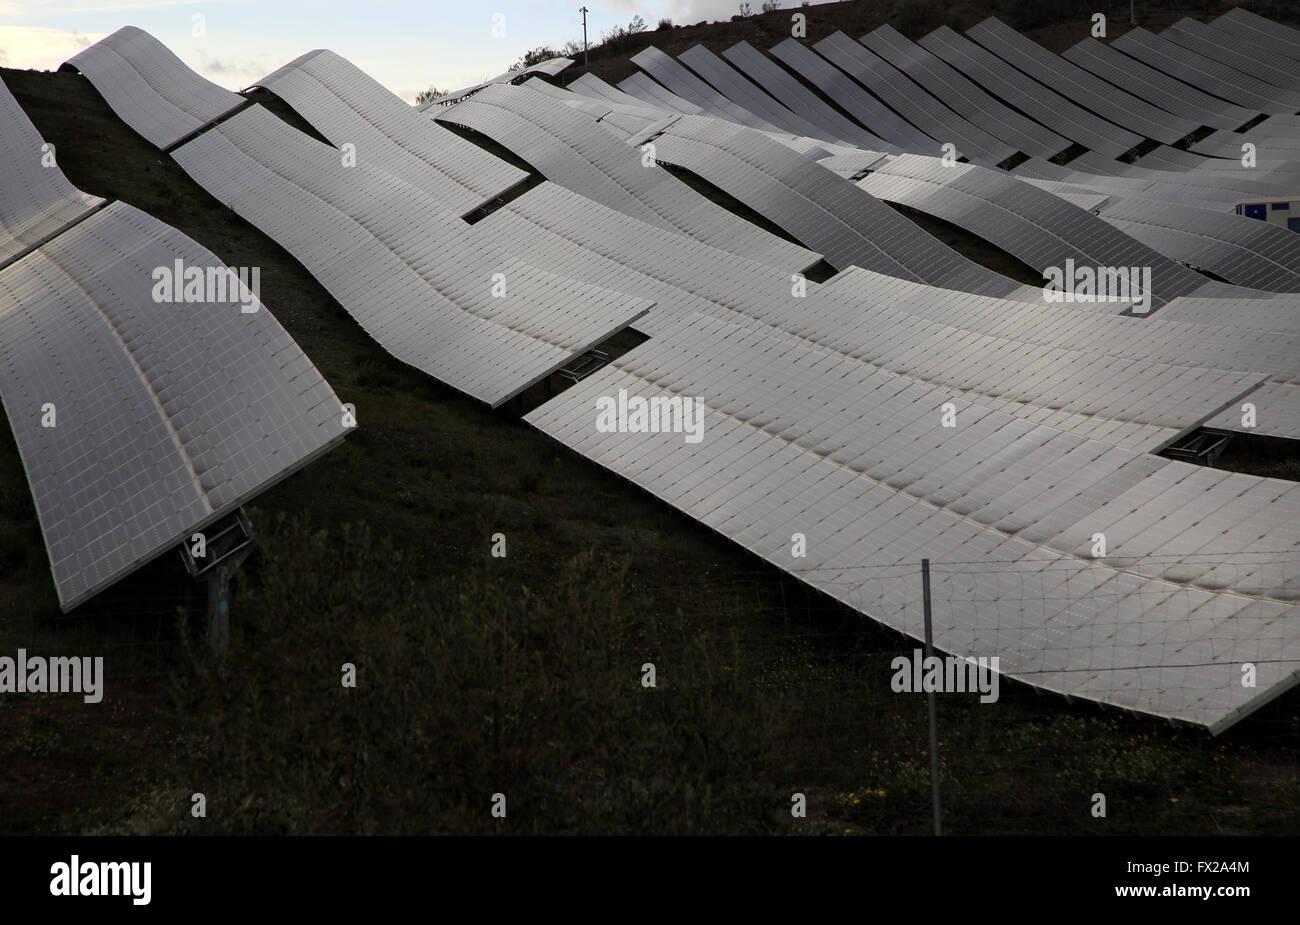 Gamme de panneaux solaires sur un jour nuageux gris, Sierra Alhamilla, près de Nijar, Almeria, Espagne Photo Stock